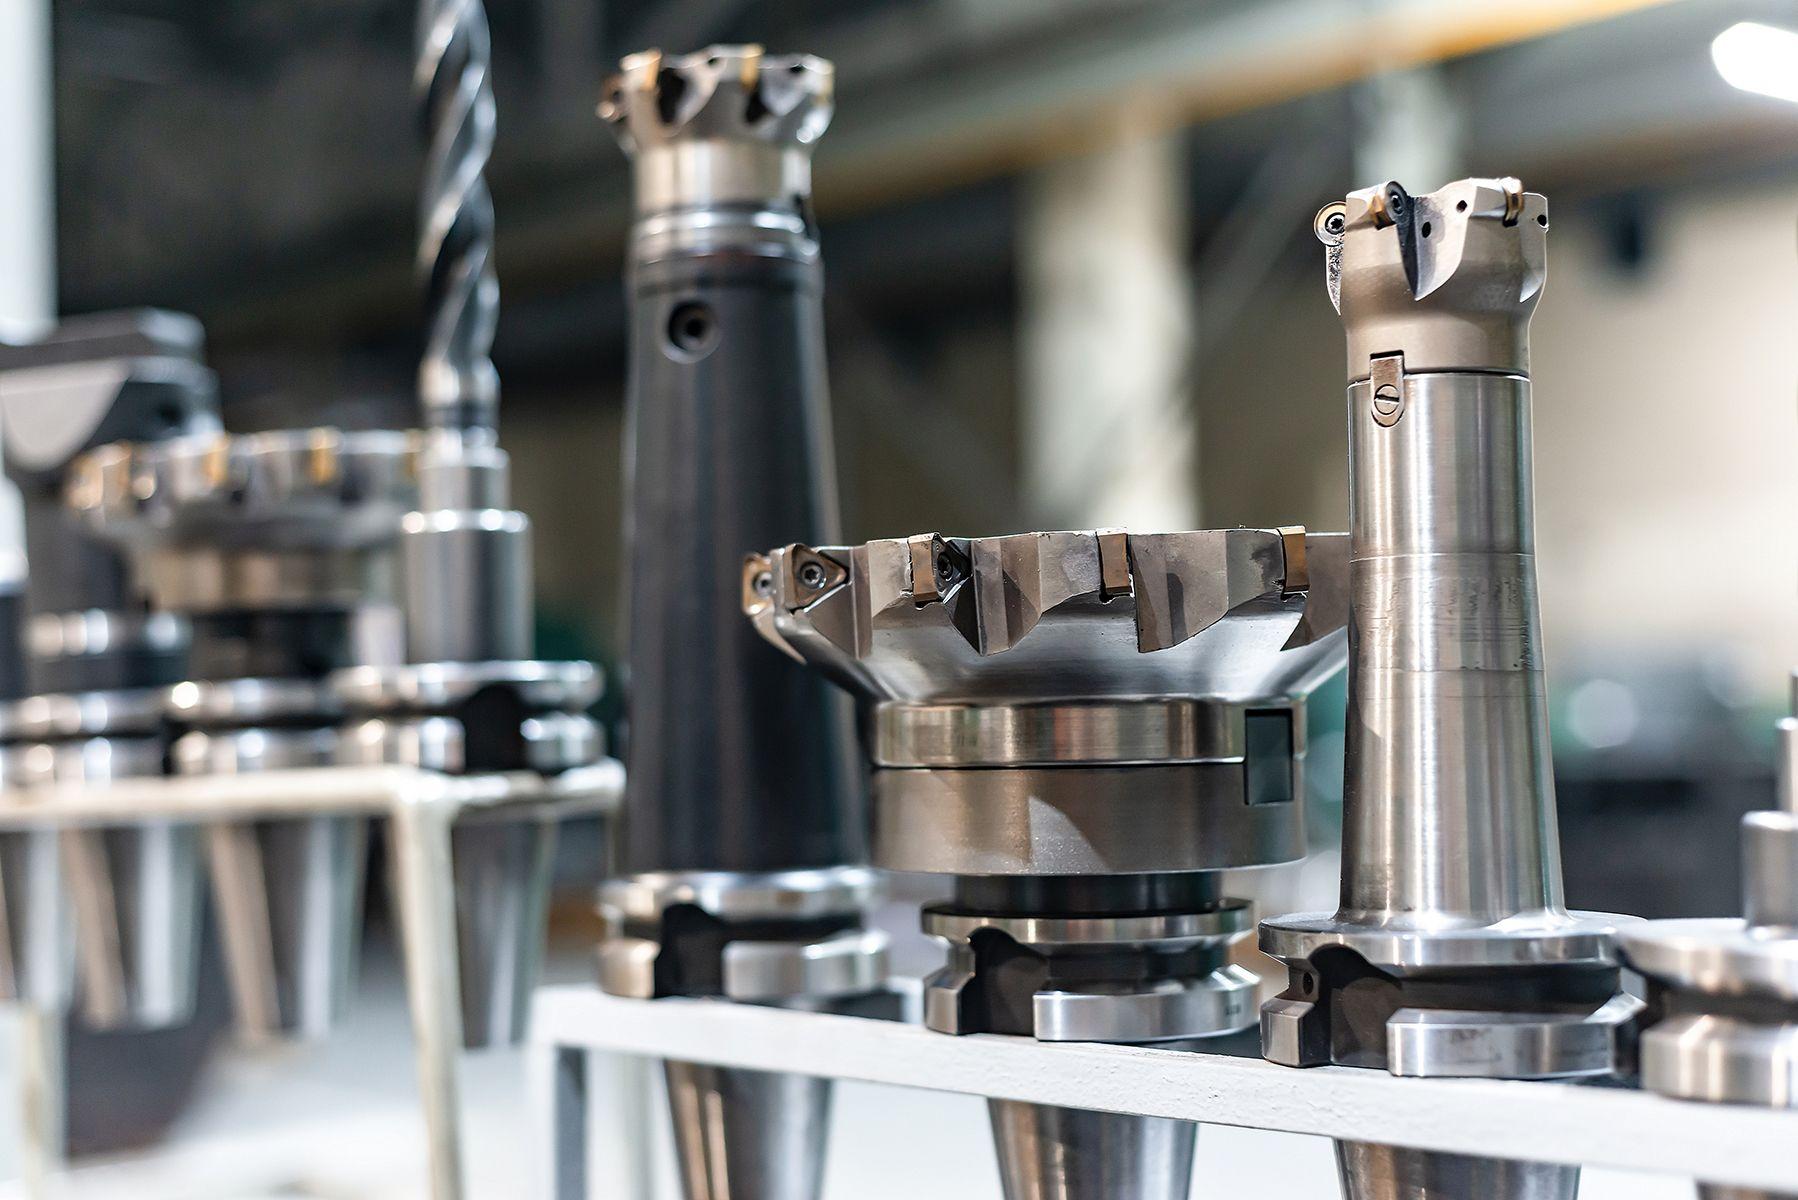 Taller de fabricación y reparación de cualquier pieza de metal